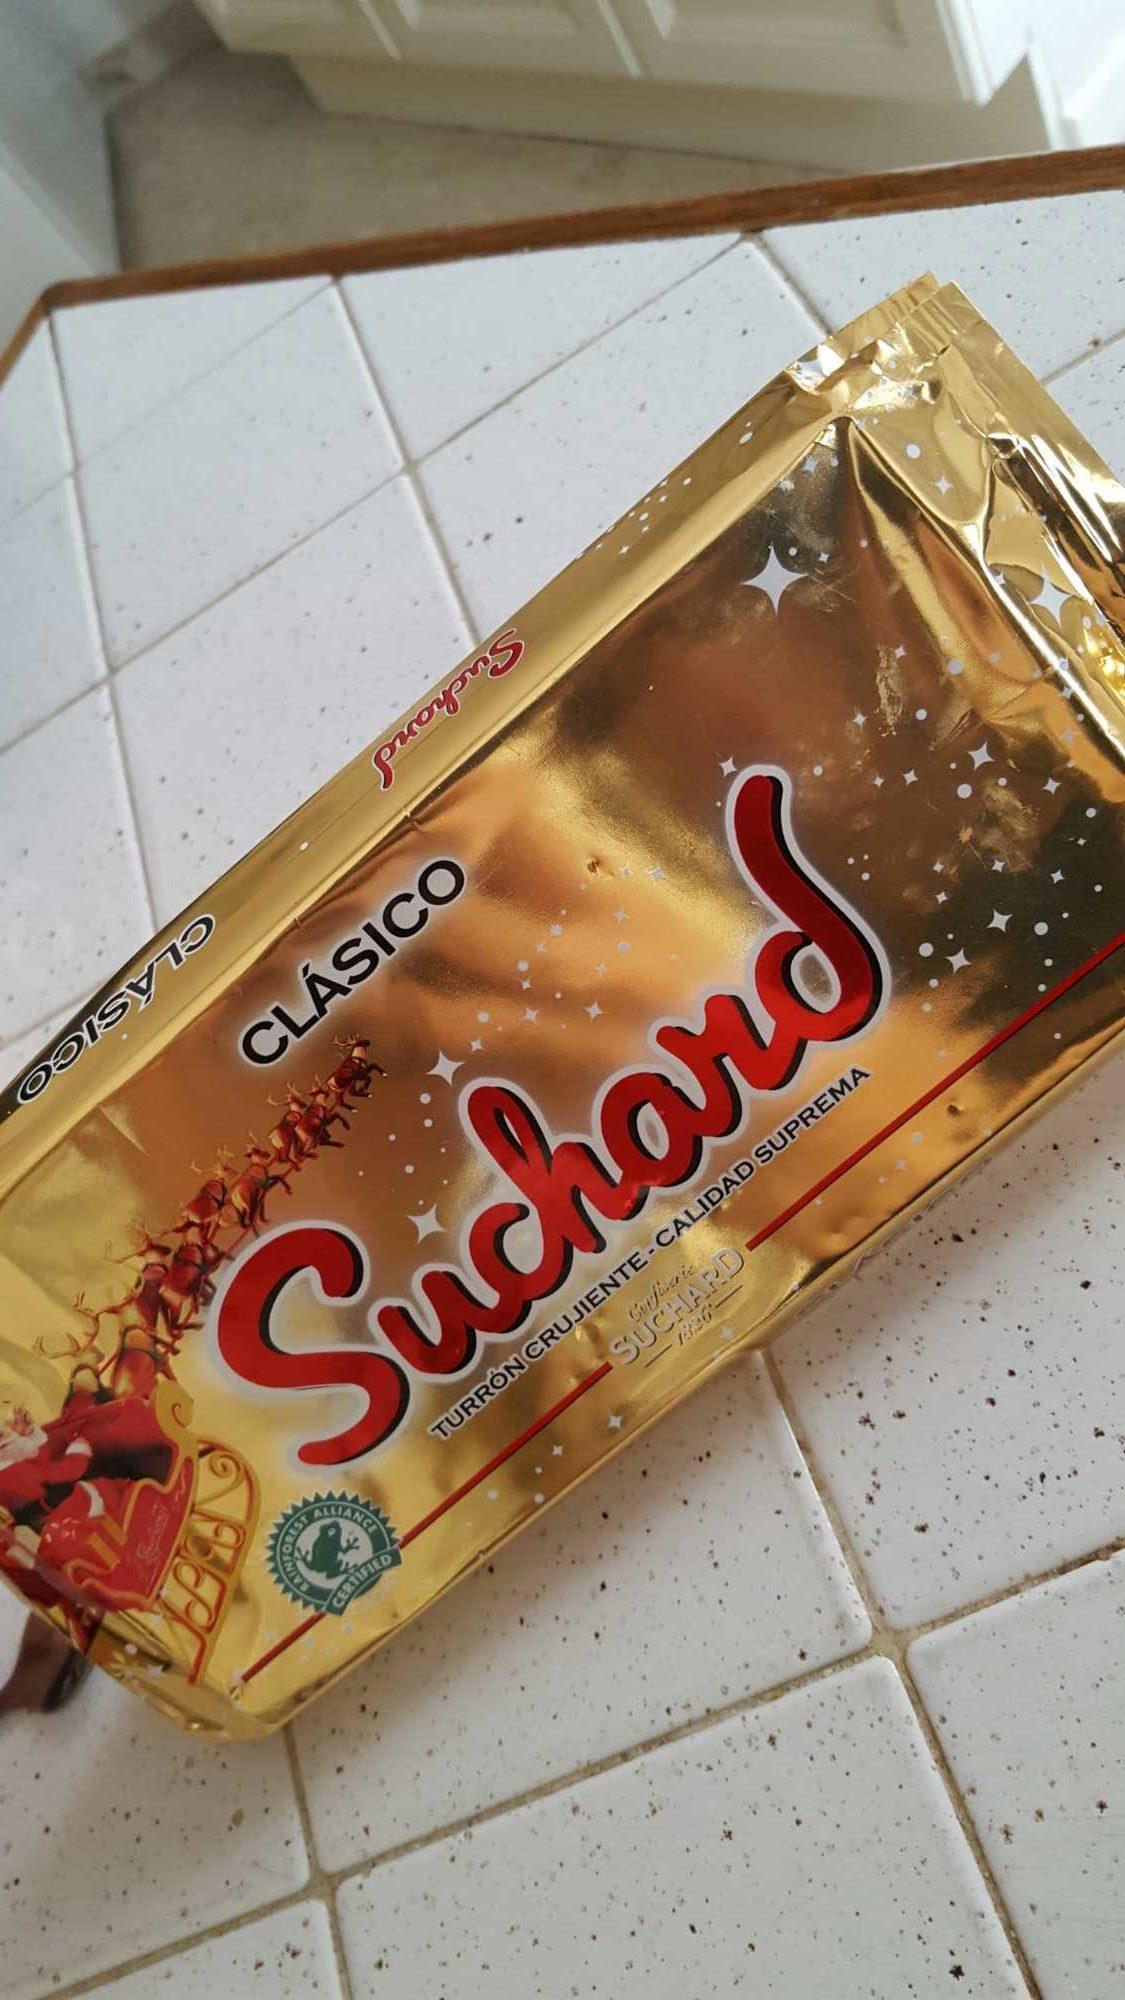 Turrón de chocolate crujiente clásico - Produit